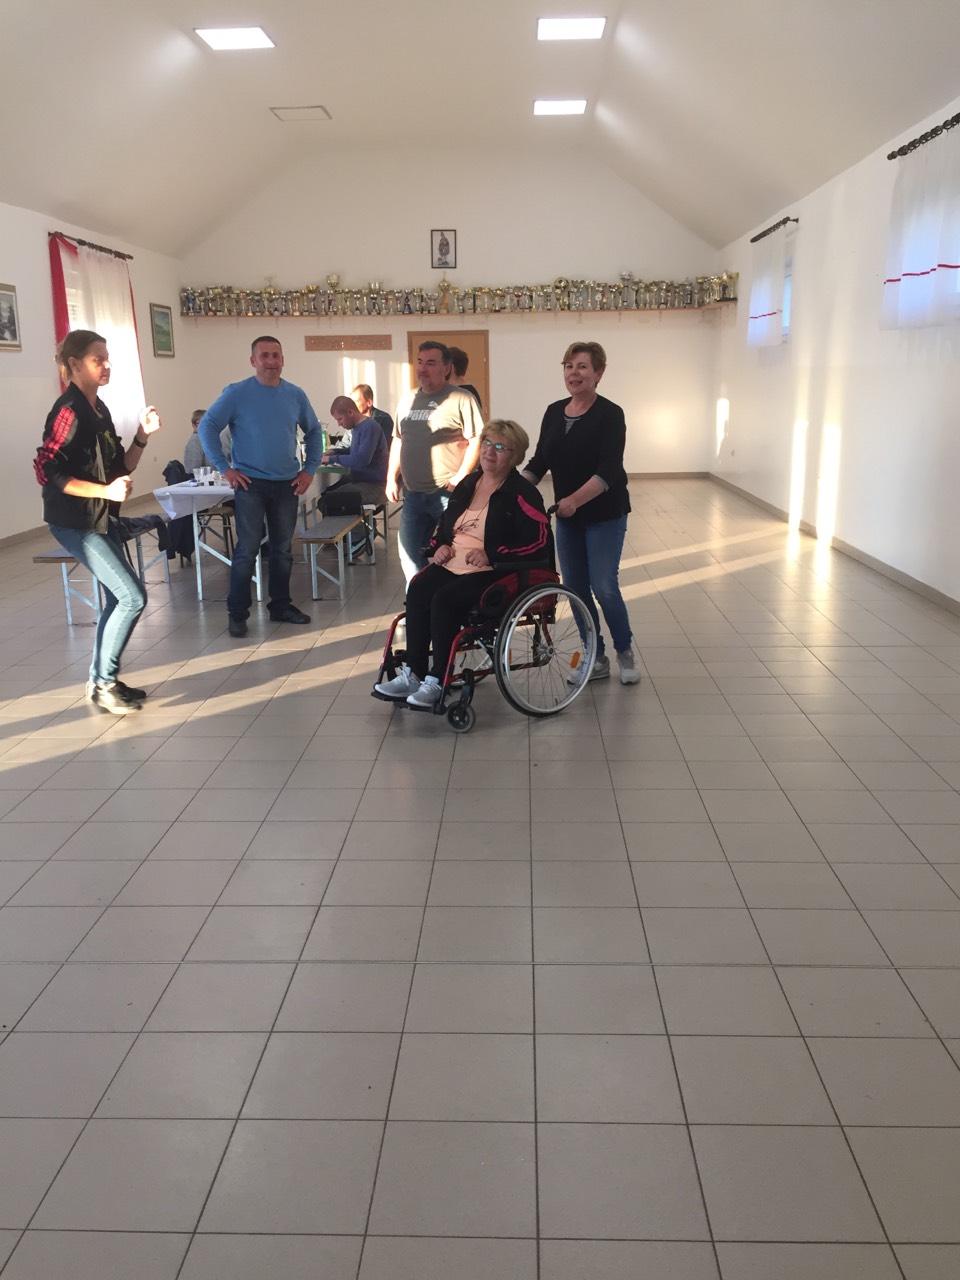 Druženje pjesma i ples, obilježen Nacionalni dan multiple skleroze